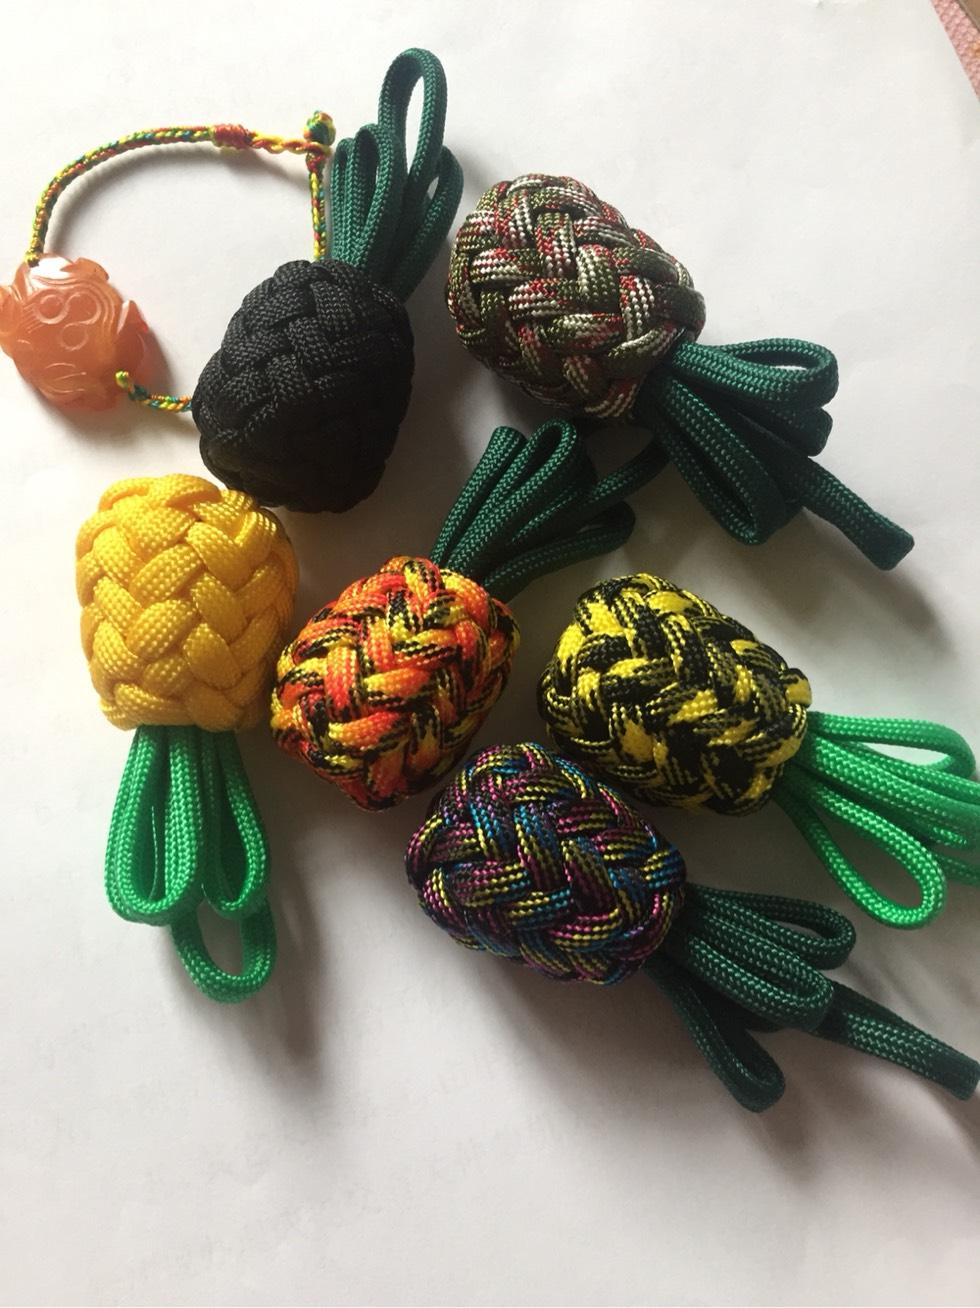 中国结论坛 菠萝挂饰 挂饰,菠萝,简单又漂亮的挂饰手工,幼儿园挂饰吊饰手工图,手工挂饰 作品展示 170547gegsh9966hstw9zg